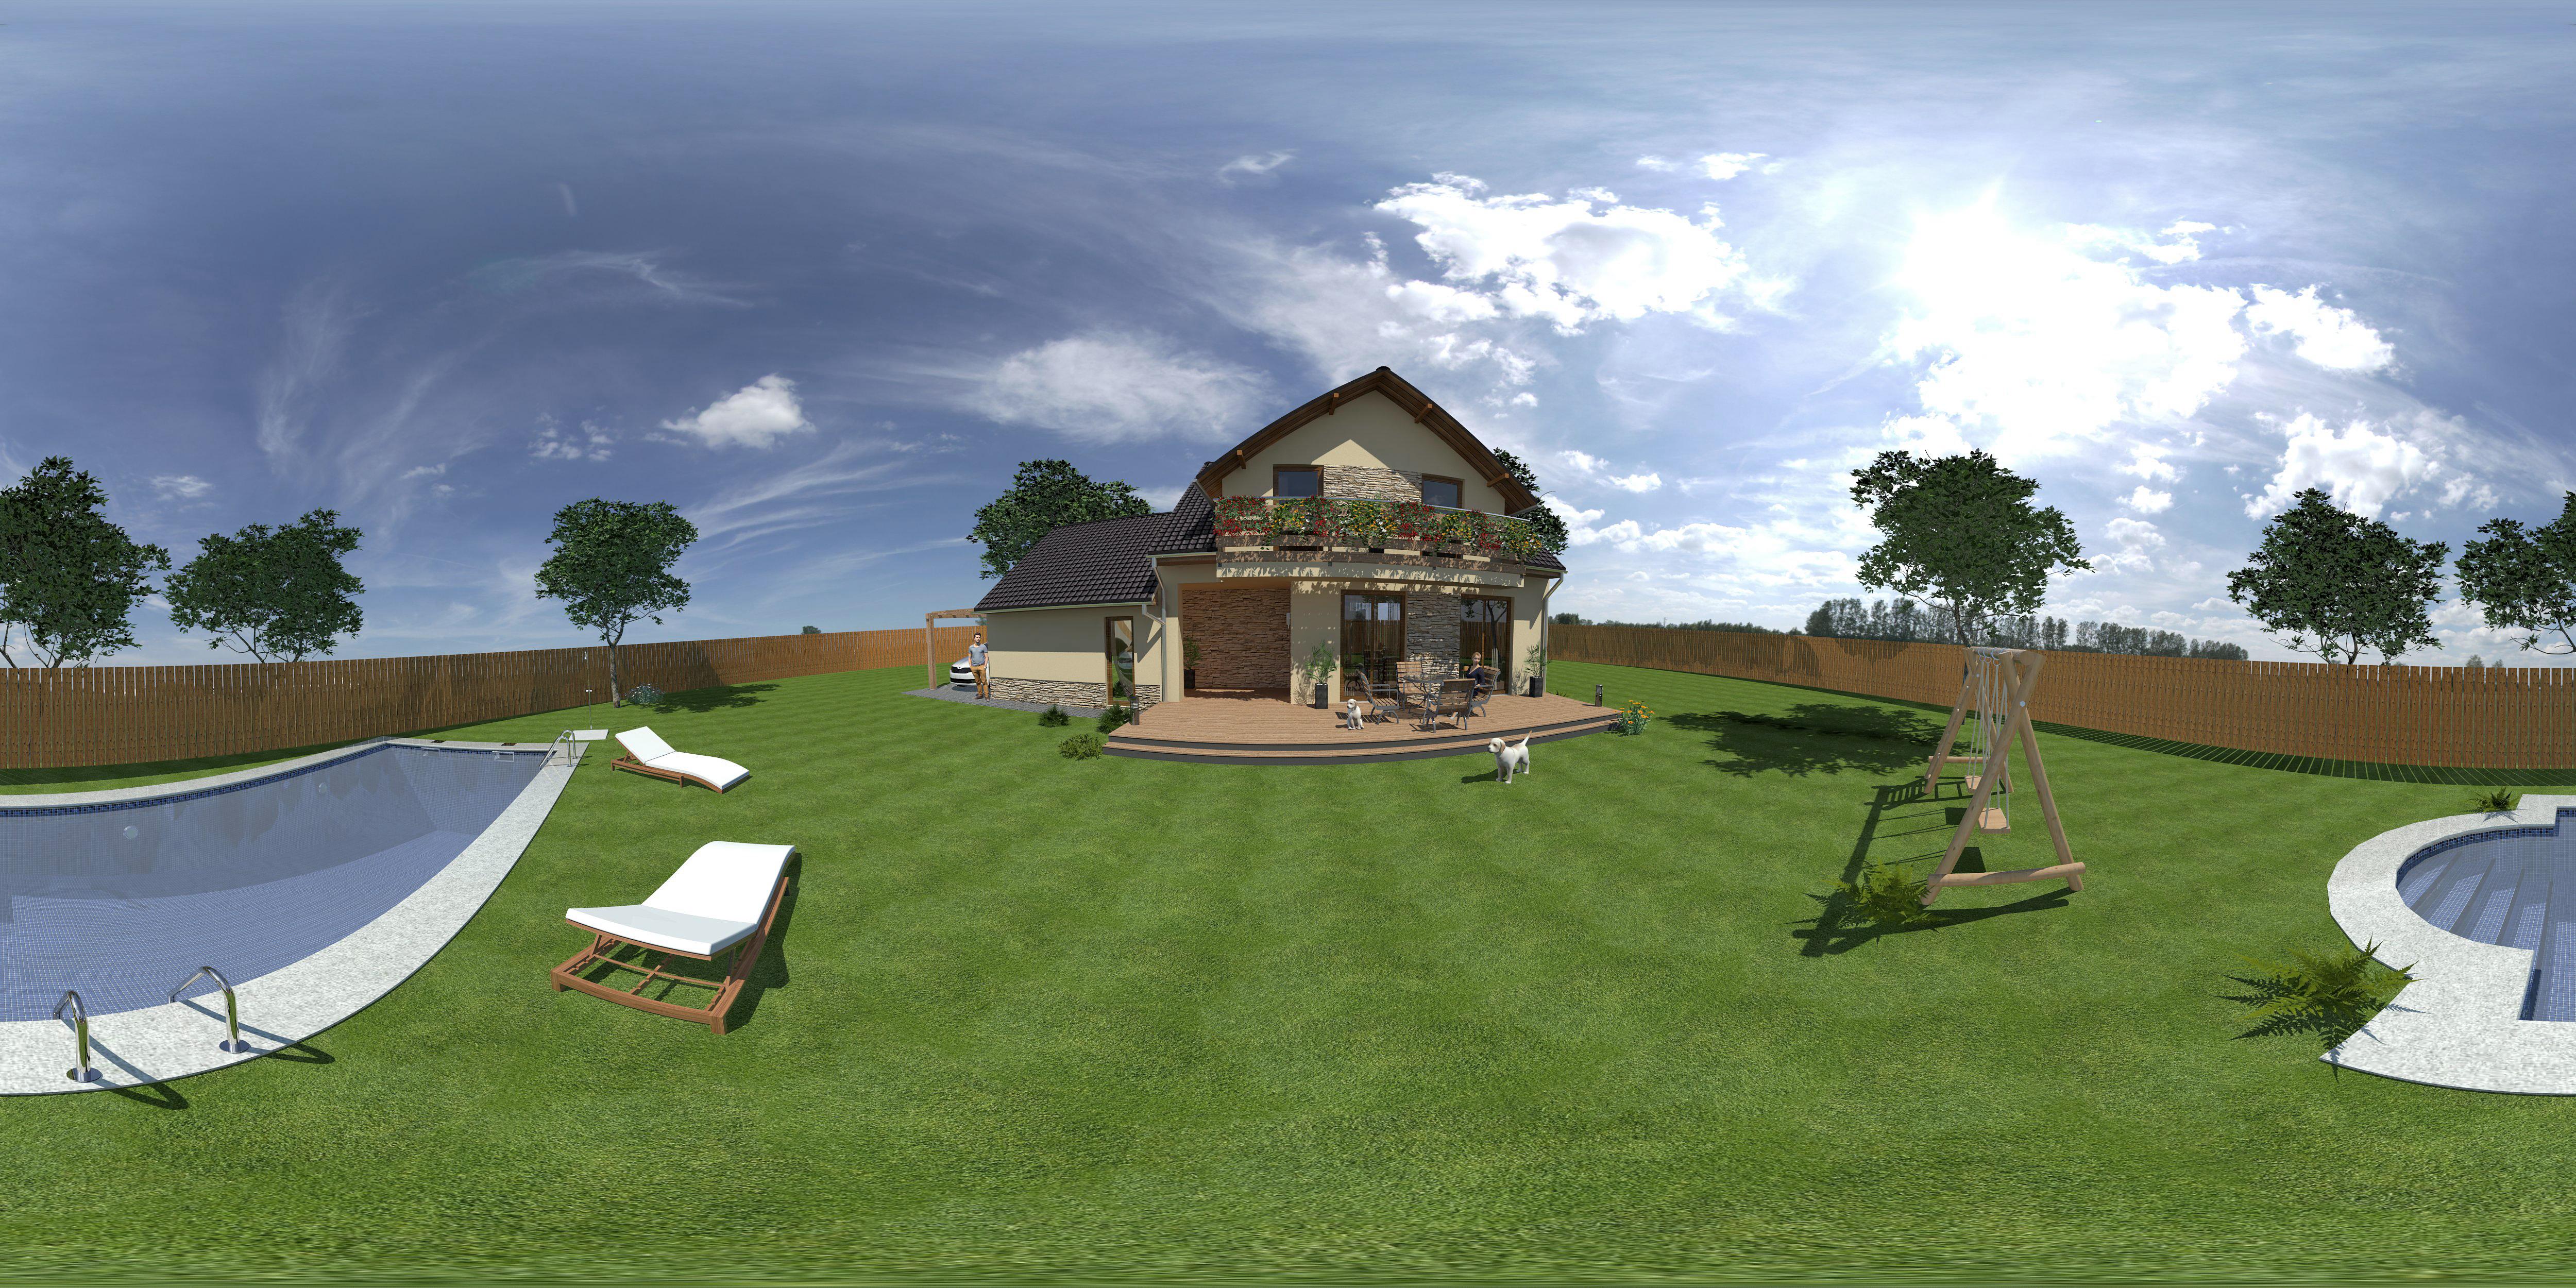 Interaktivní vizualizace rodinného domu - spustí se ve Facebooku